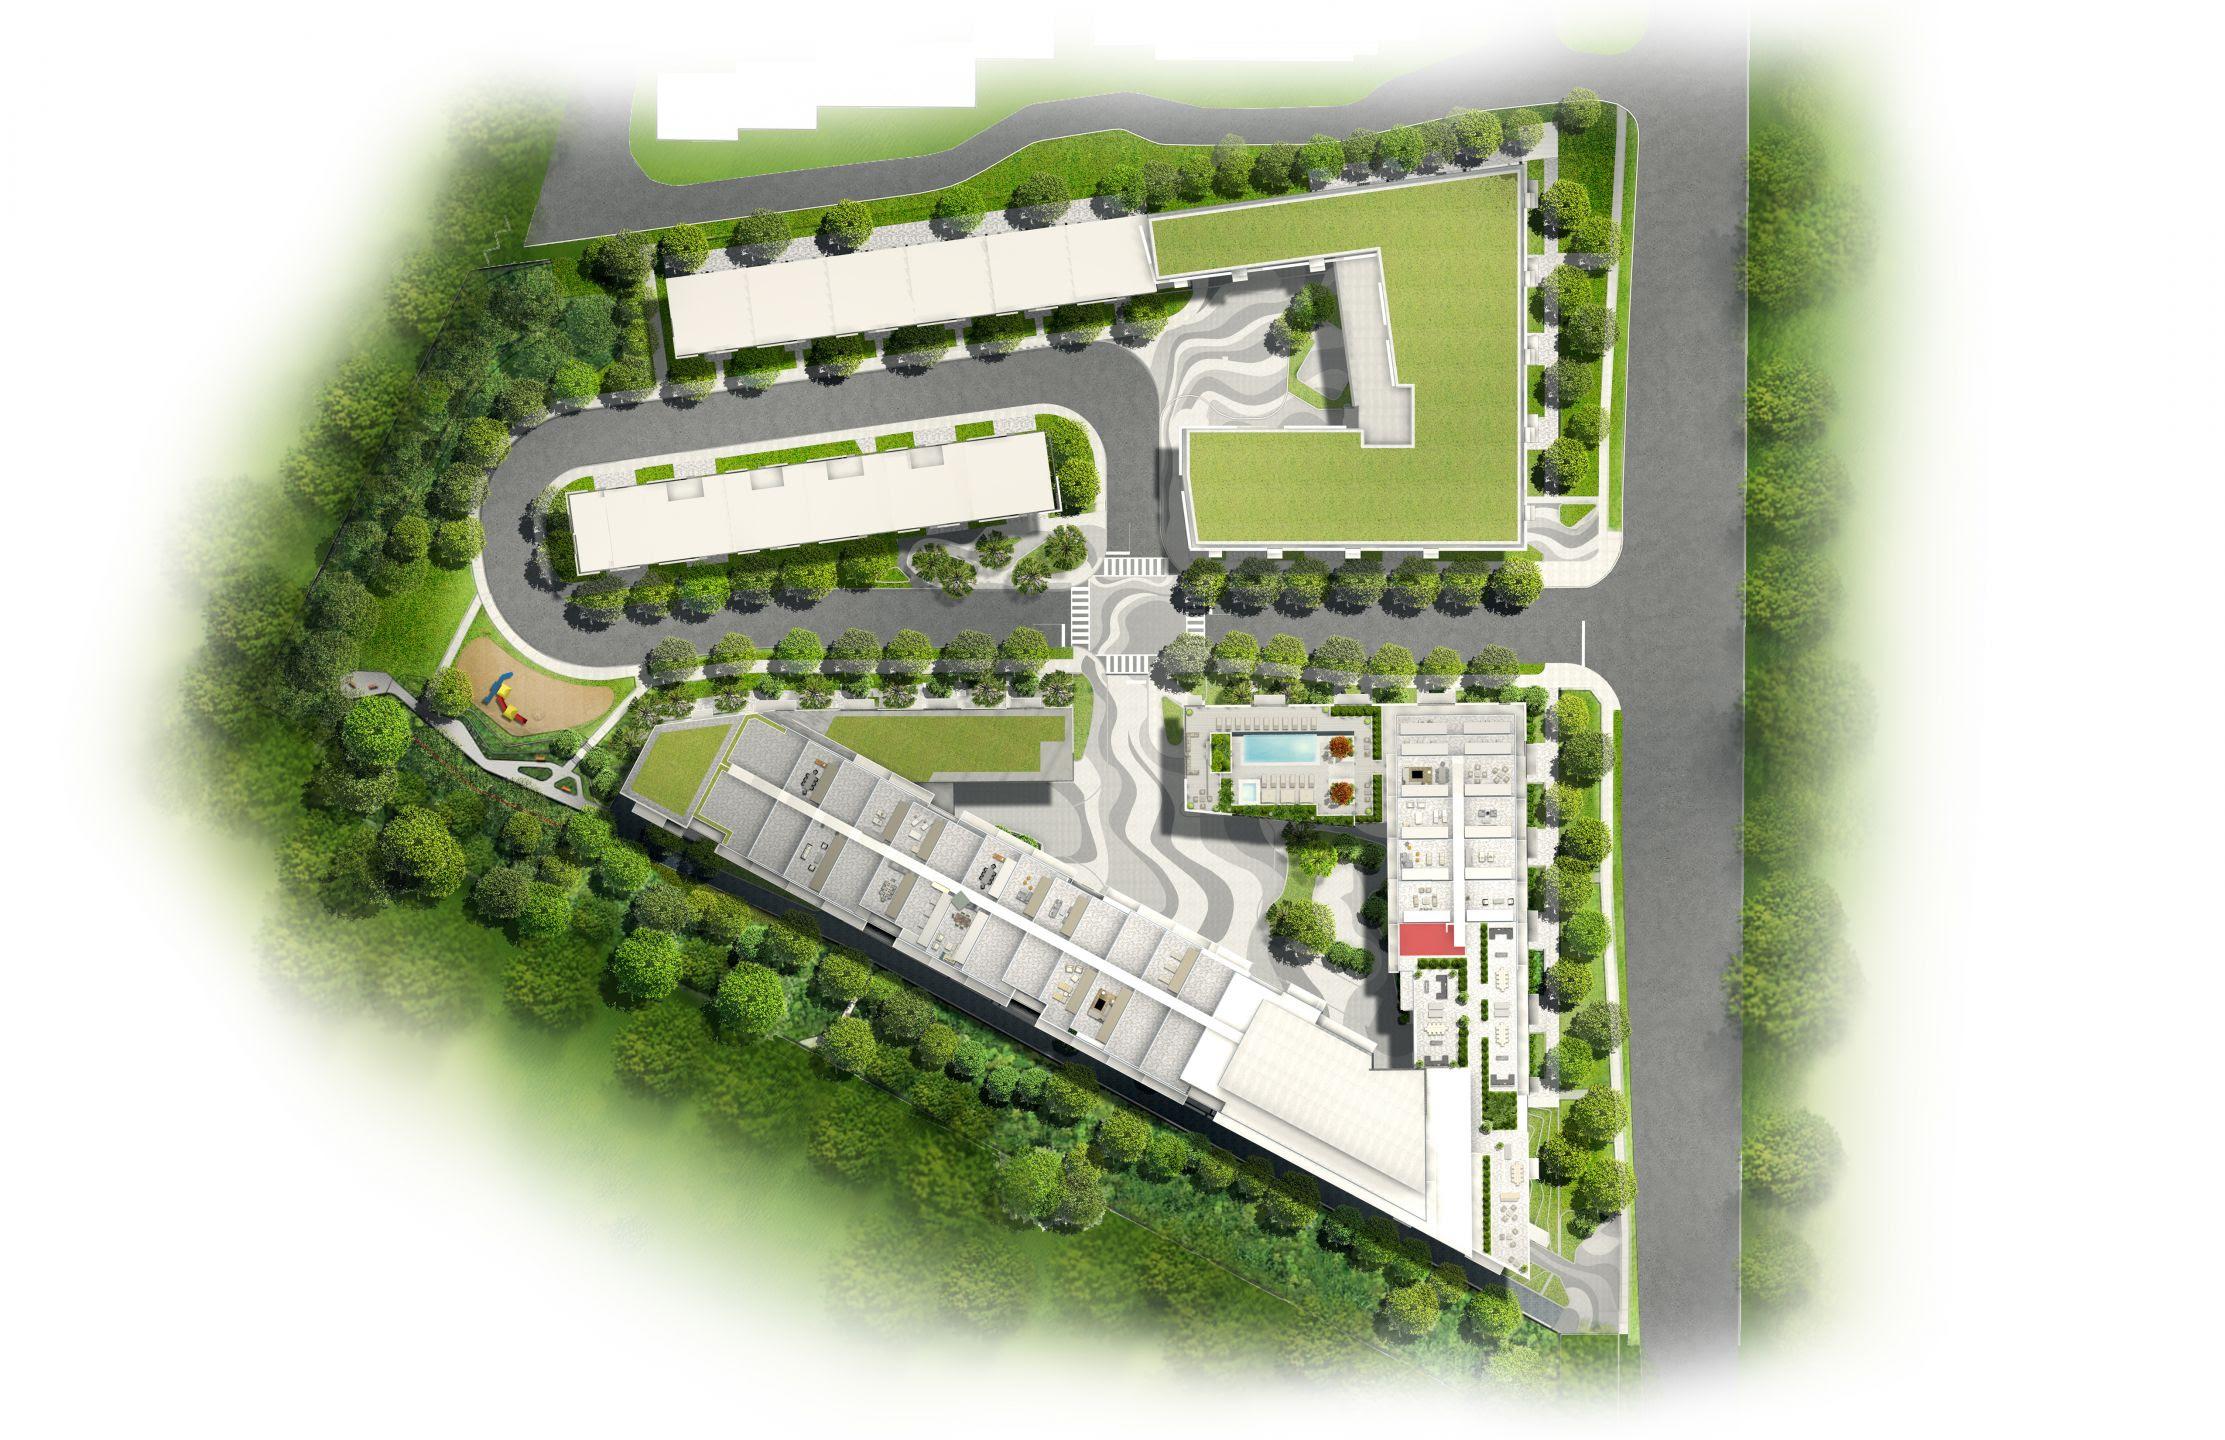 site plan rendering 2016 1